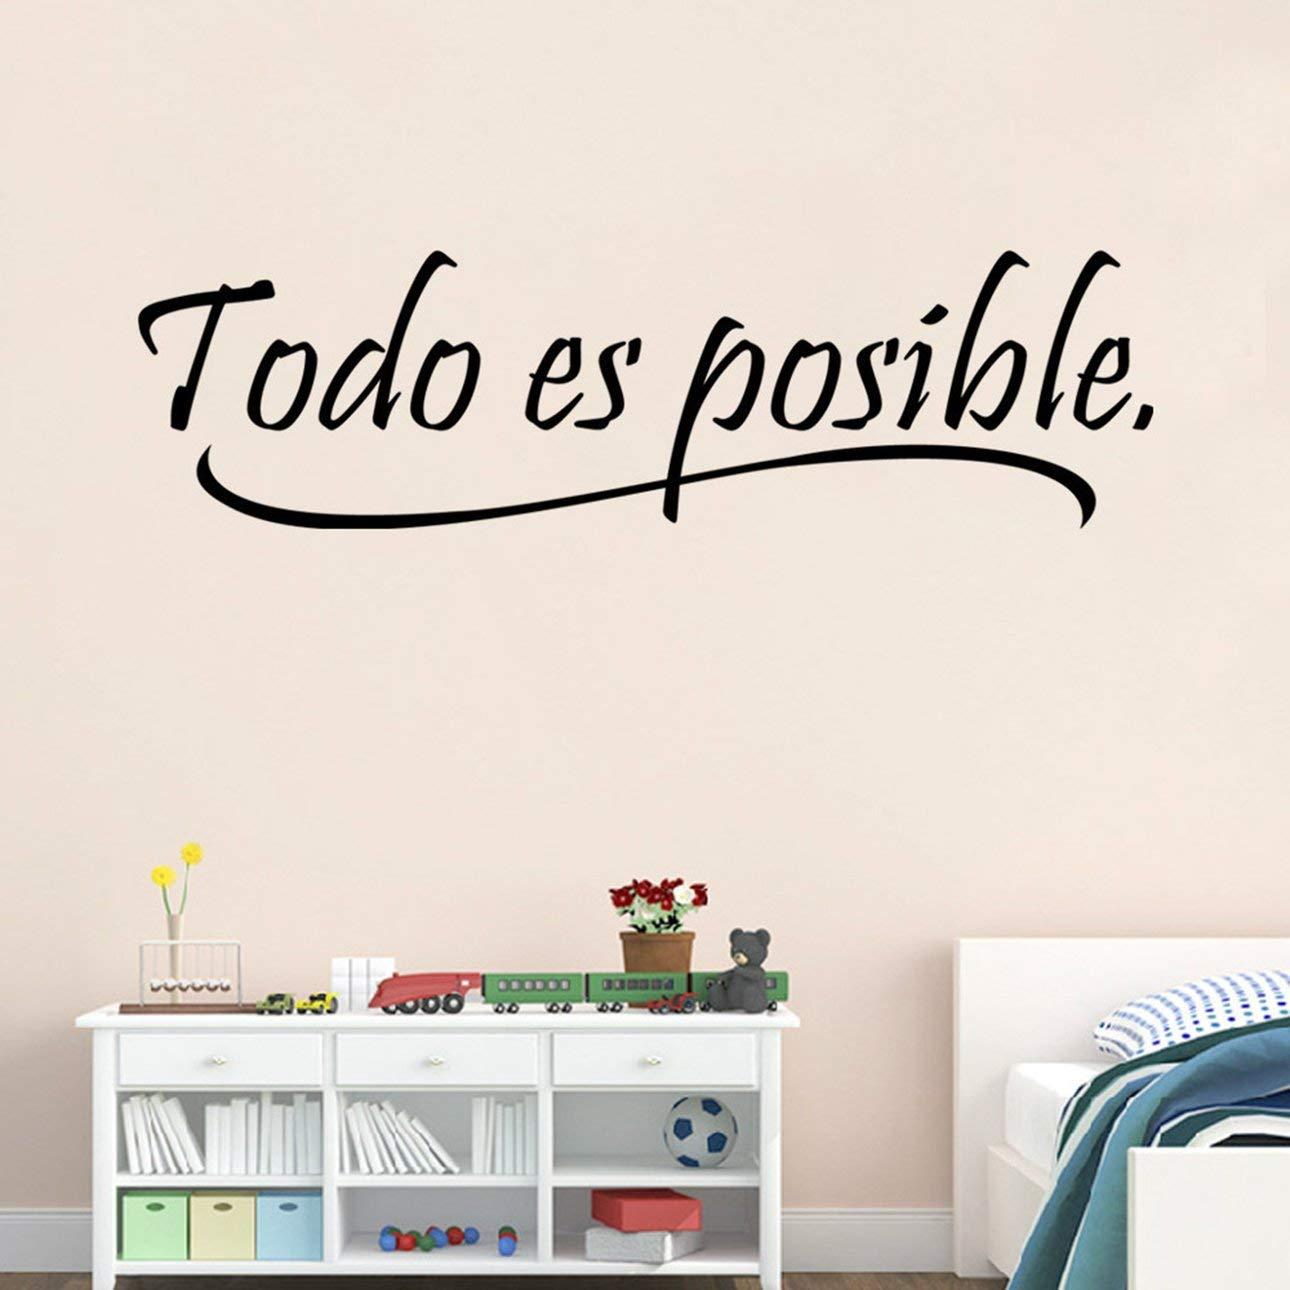 Celerhuak Tutto /è possibile voci europee e americane personalizzate produttori di commercio estero adesivi murali soggiorno